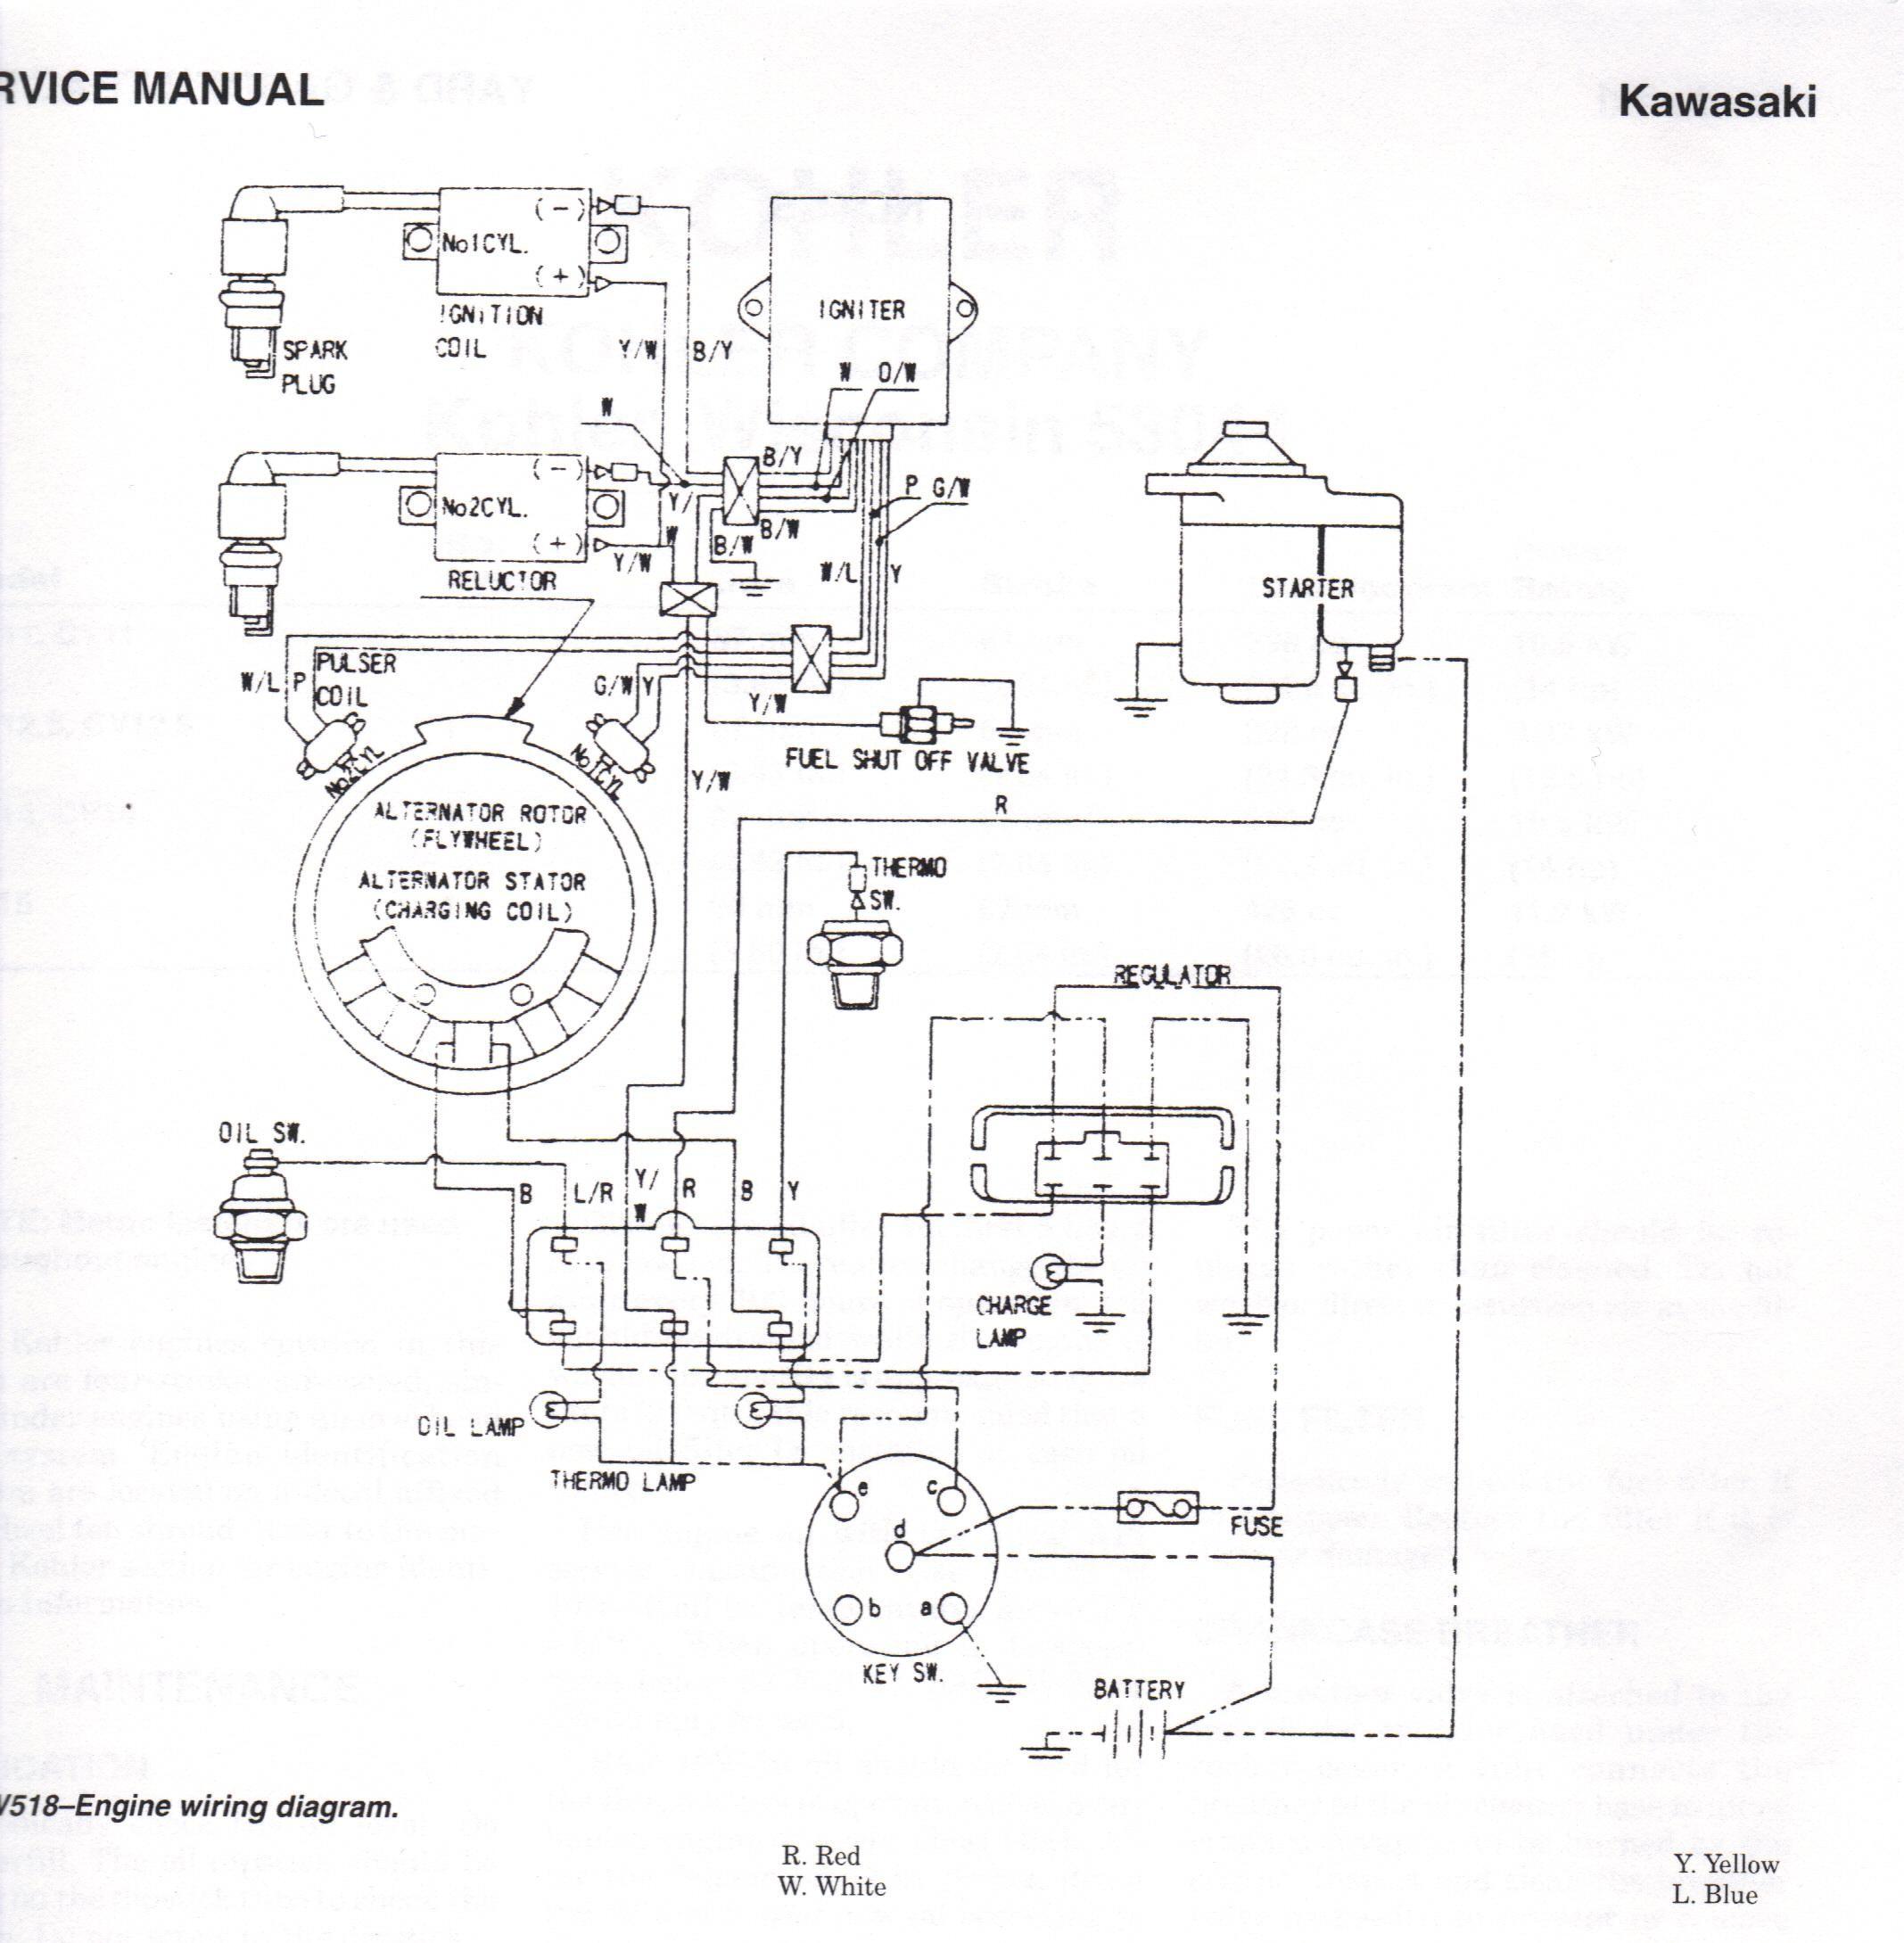 Antenna Rotor Wiring Diagram - Wiring Diagrams Dock